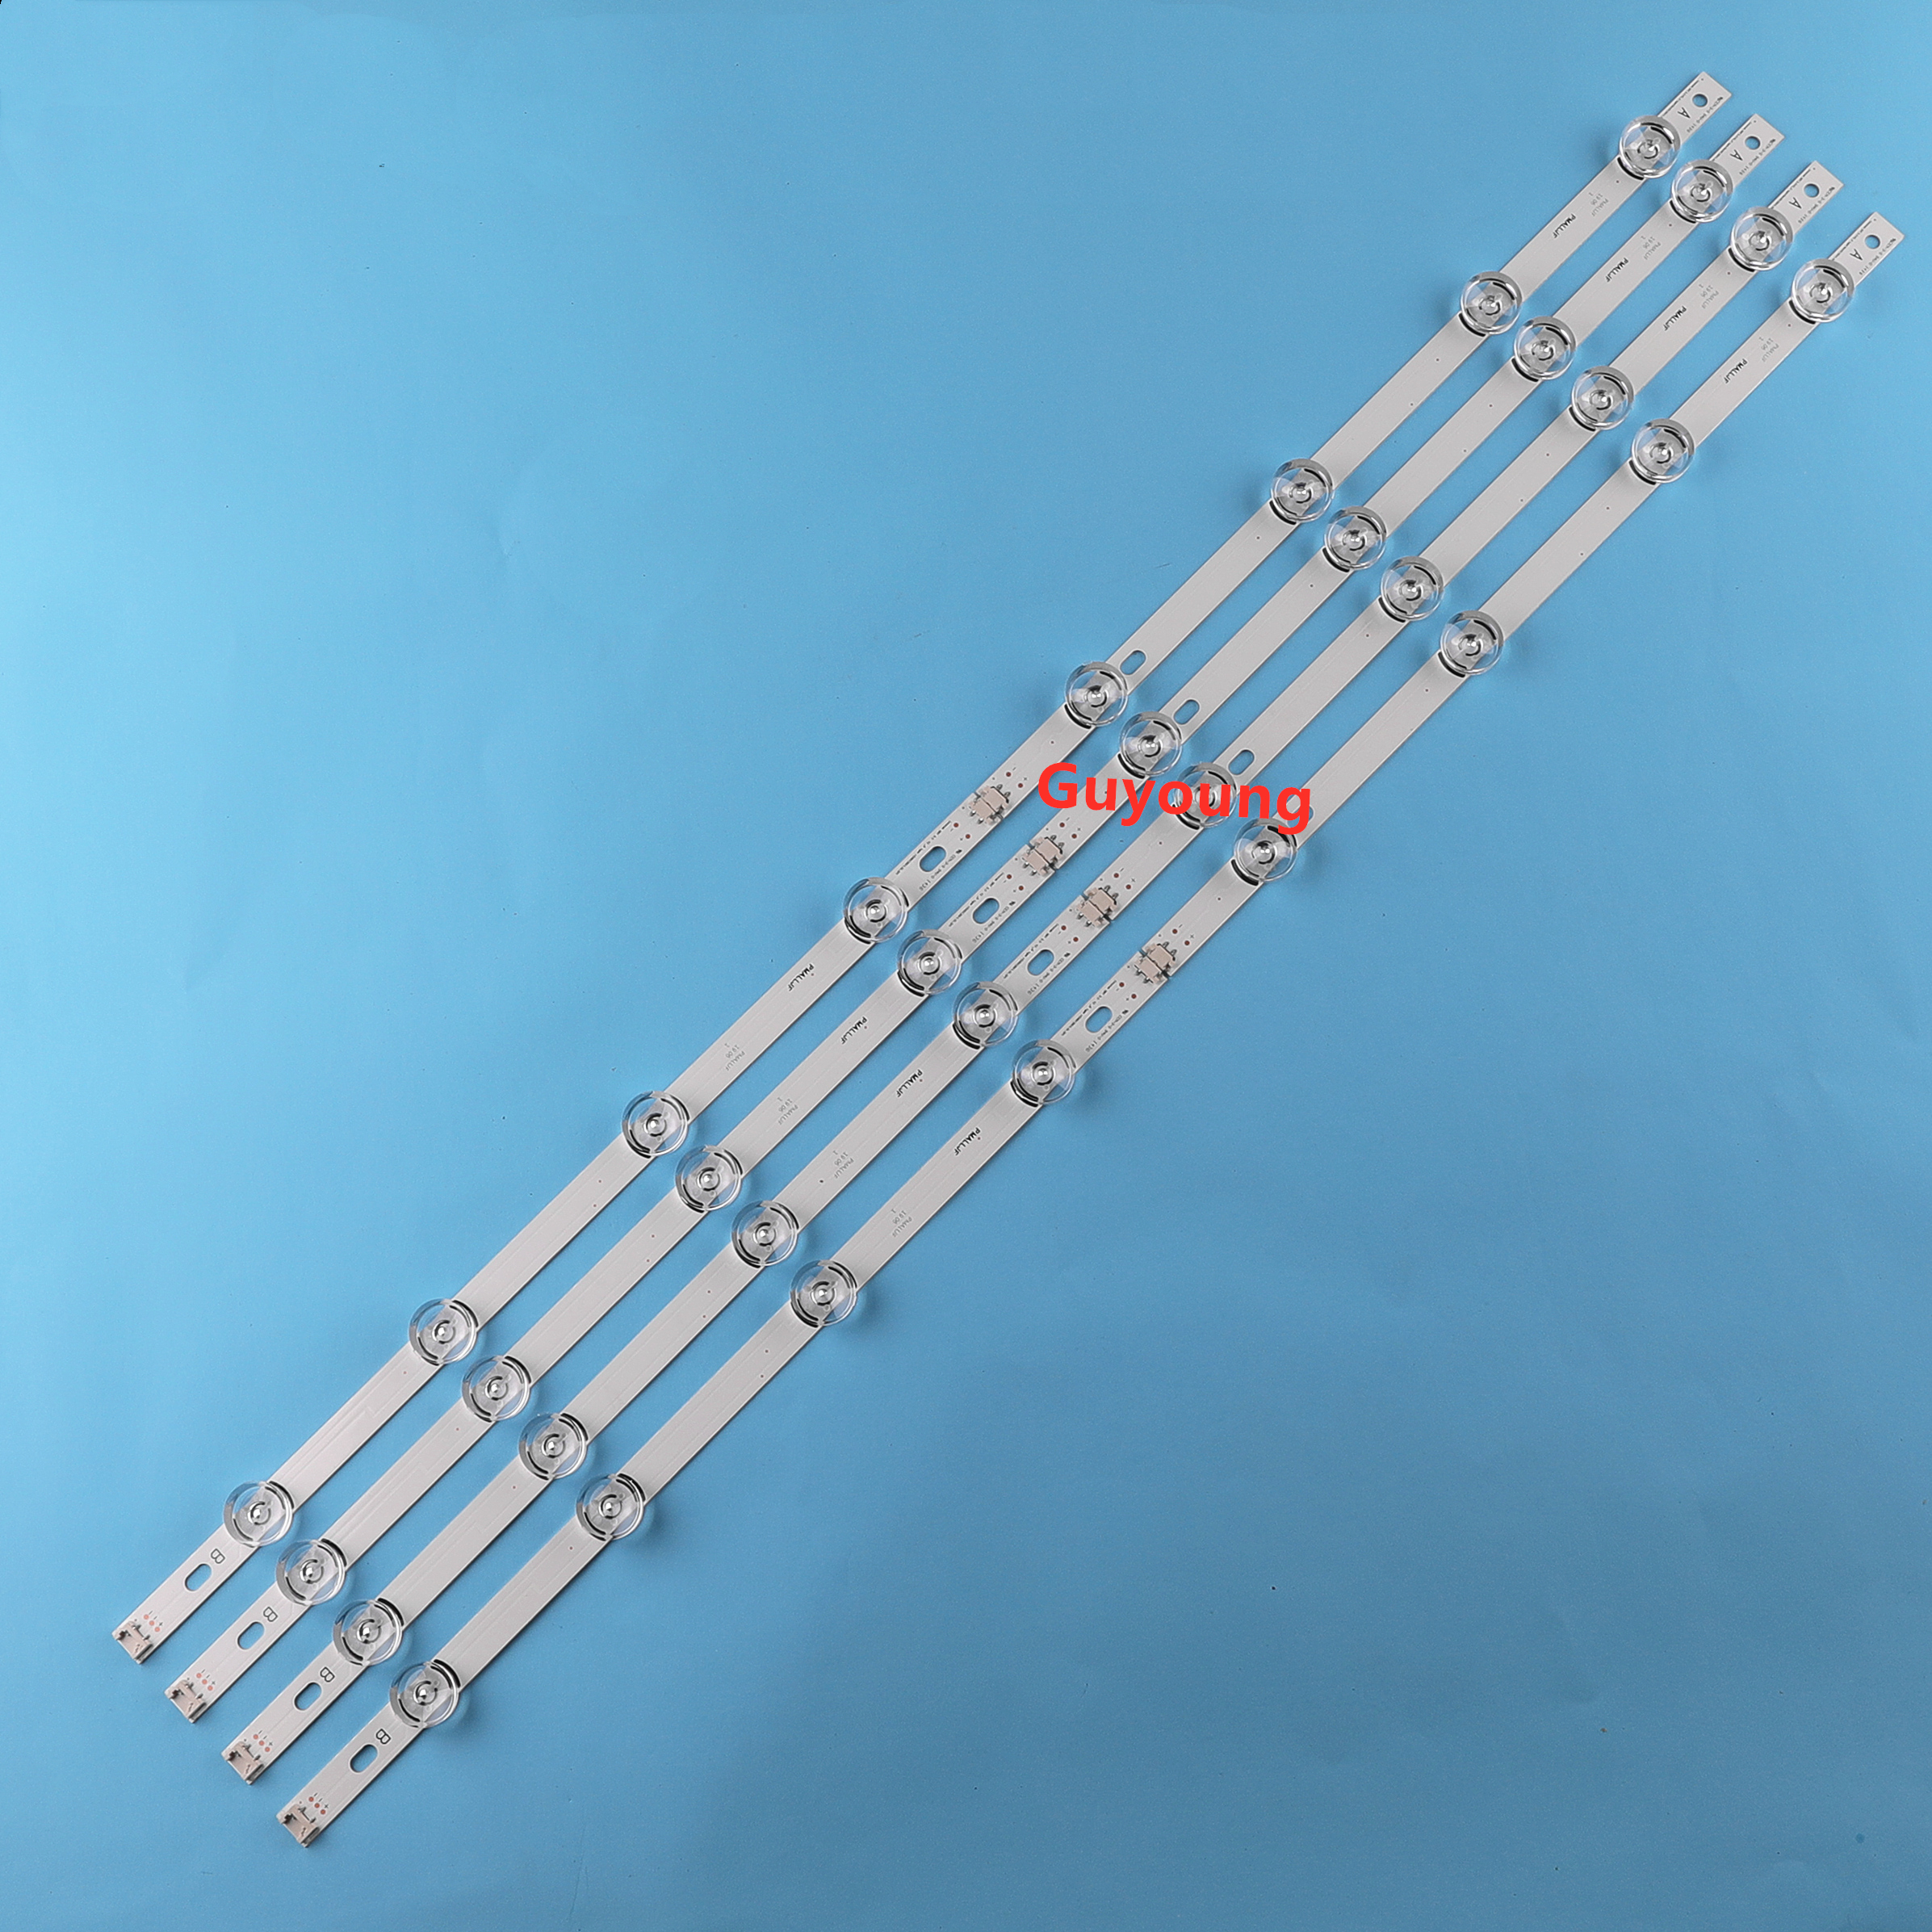 8PCS / Set LED Strip For LG 42LB5800 42LB5700 42LF5610 42LB550V Innotek DRT 3.0 42 A/B 6916L-1709B 6916L-1710B 1709A 1710A